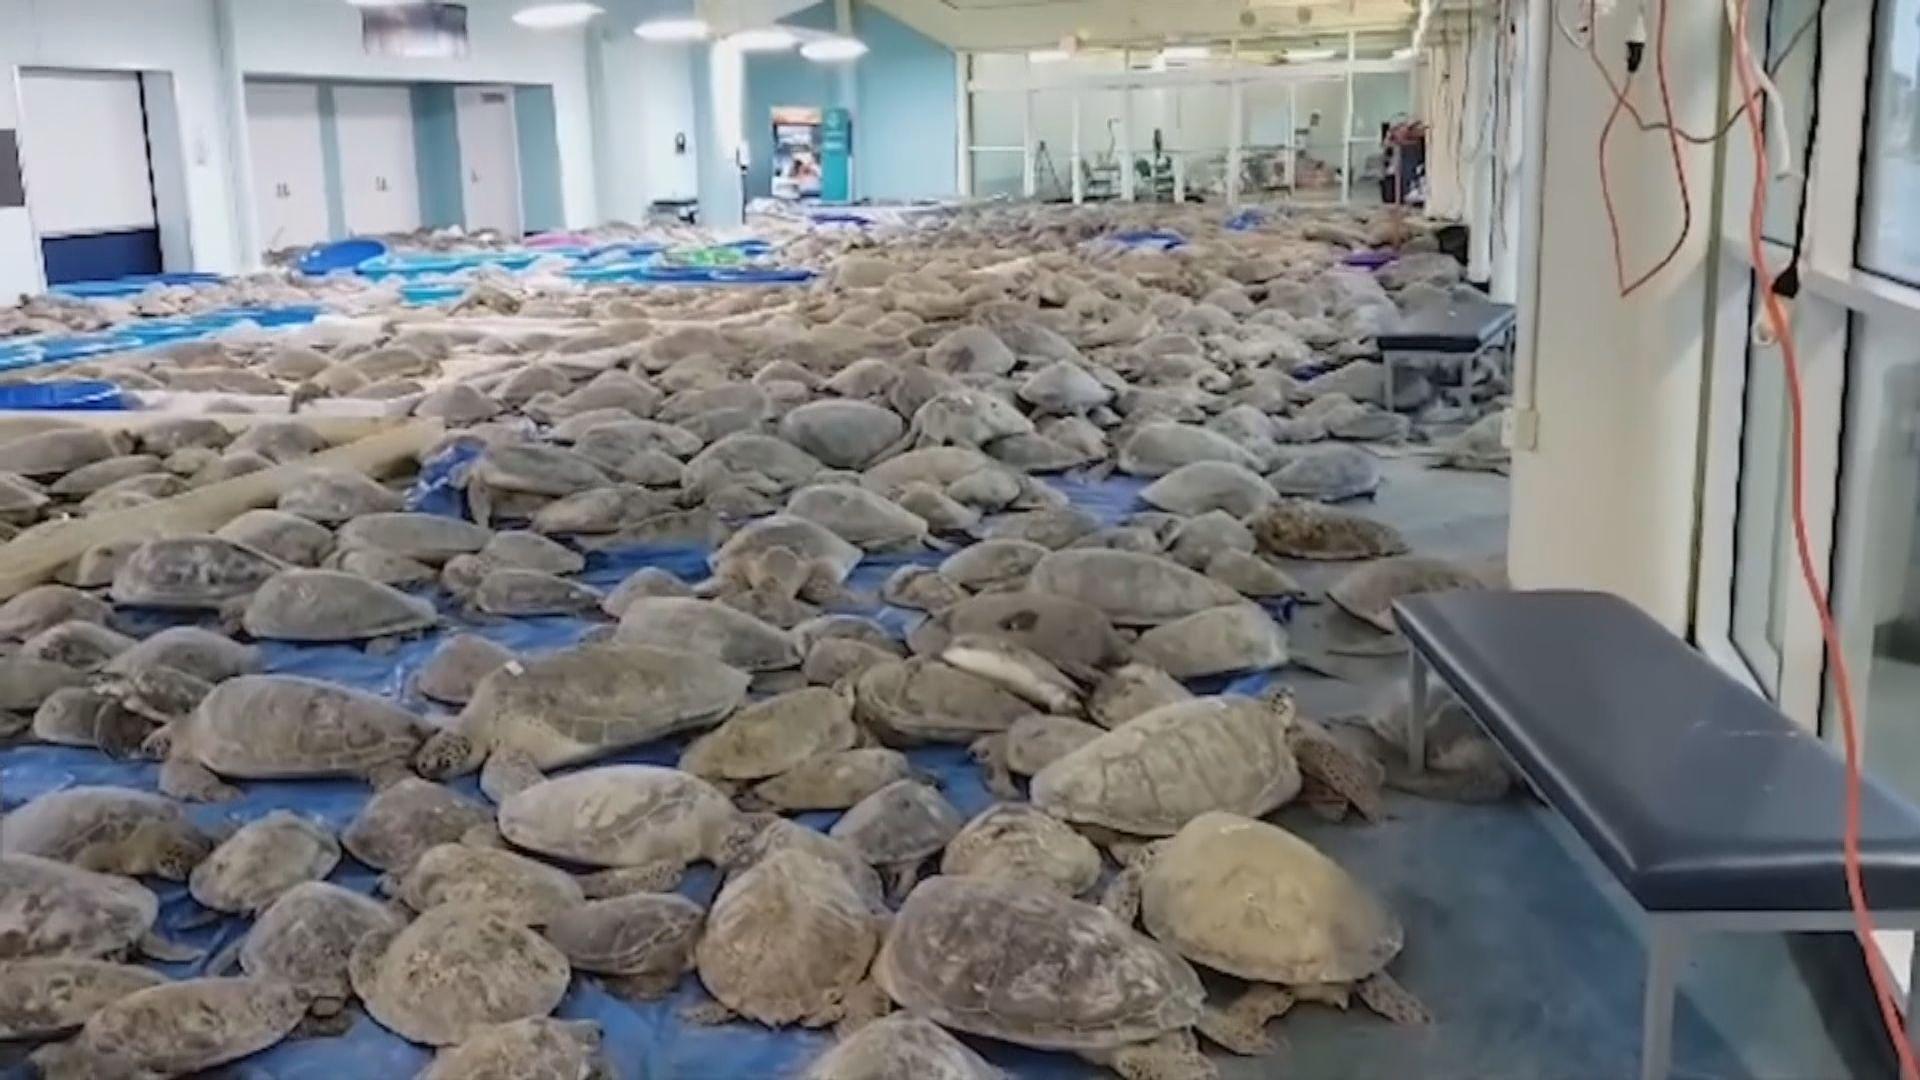 【環球薈報】美國保育組織搶救逾三千隻受極寒天氣威脅的海龜